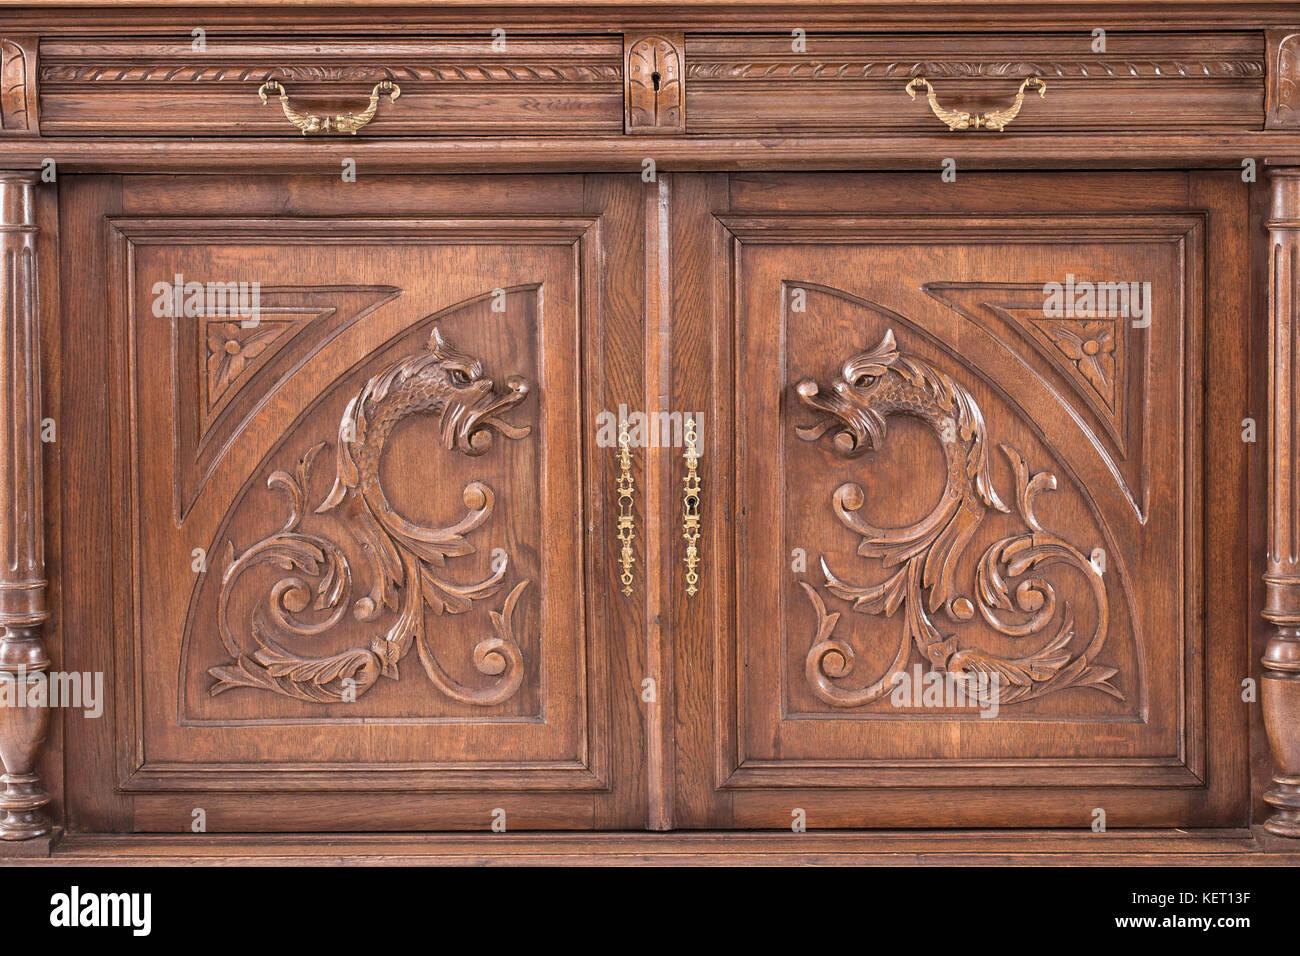 Credenza Da Cucina In Legno : Parte della cucina antica credenza come esempio di bella incisione